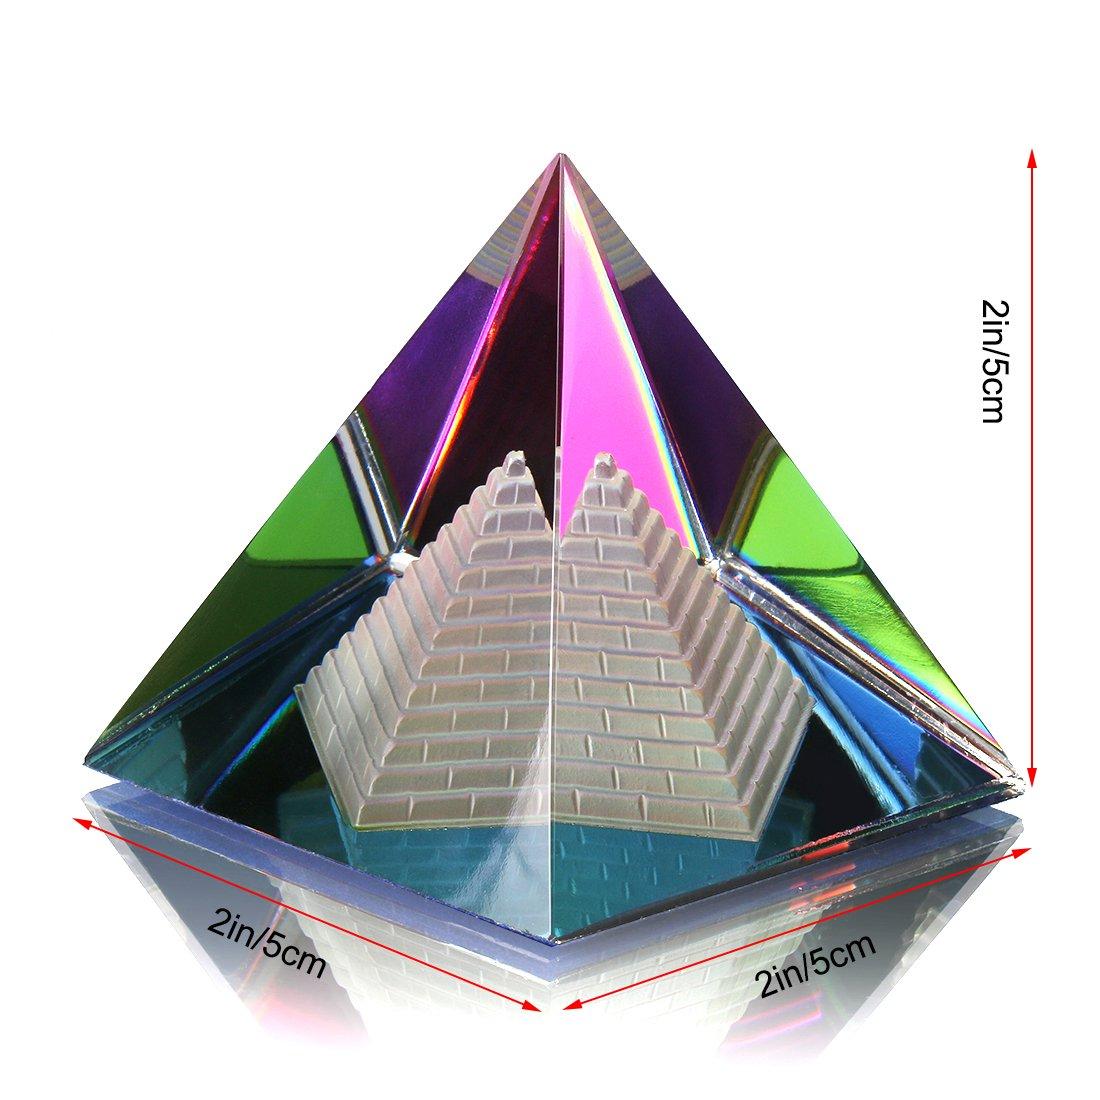 Presse-papier H/&D en forme de pyramide creuse 2D Multicolore Avec bo/îte cadeau